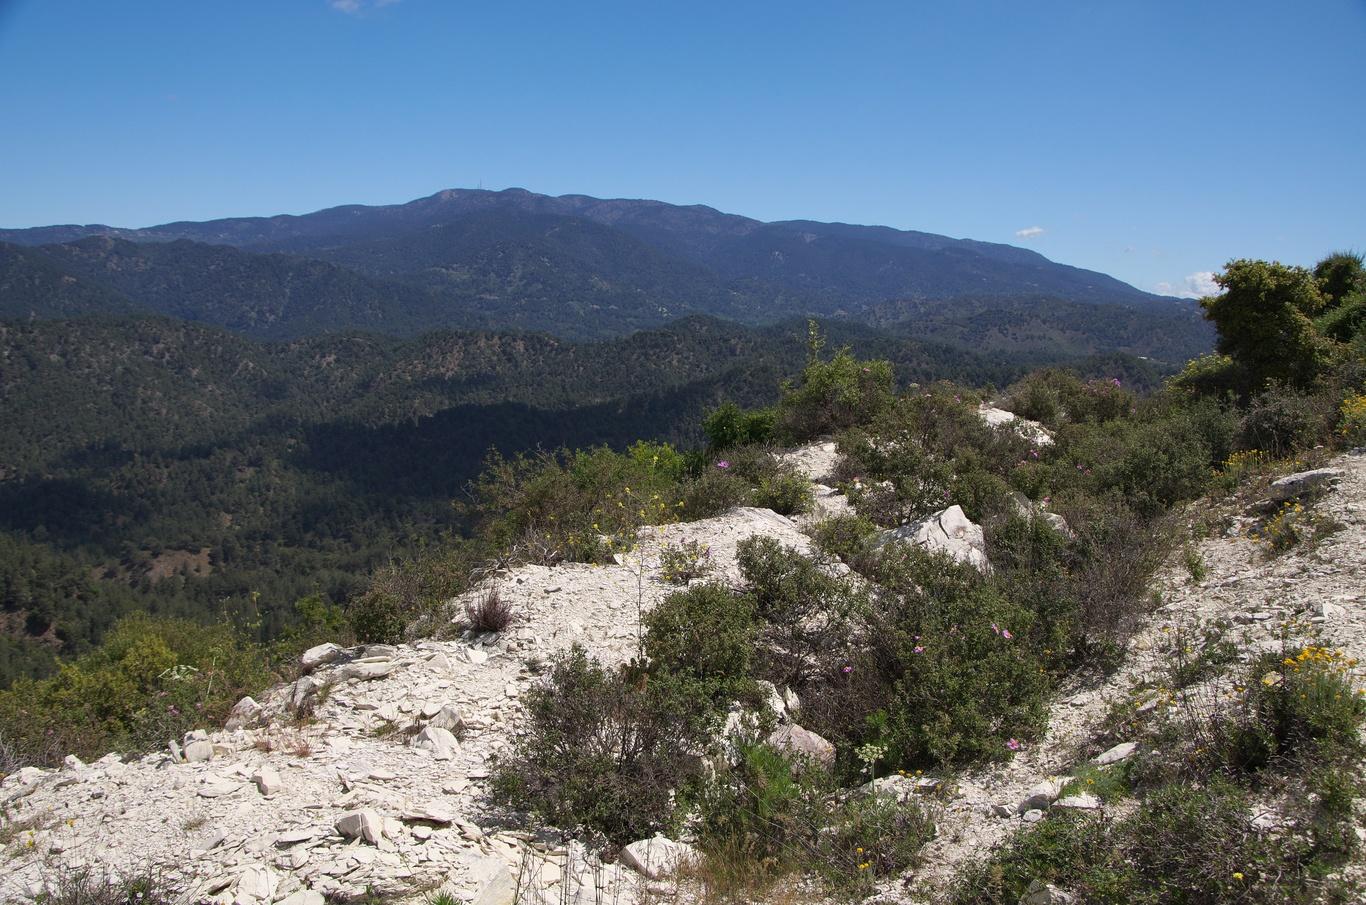 Pohoří Troodos - v pozadí hora Olympos